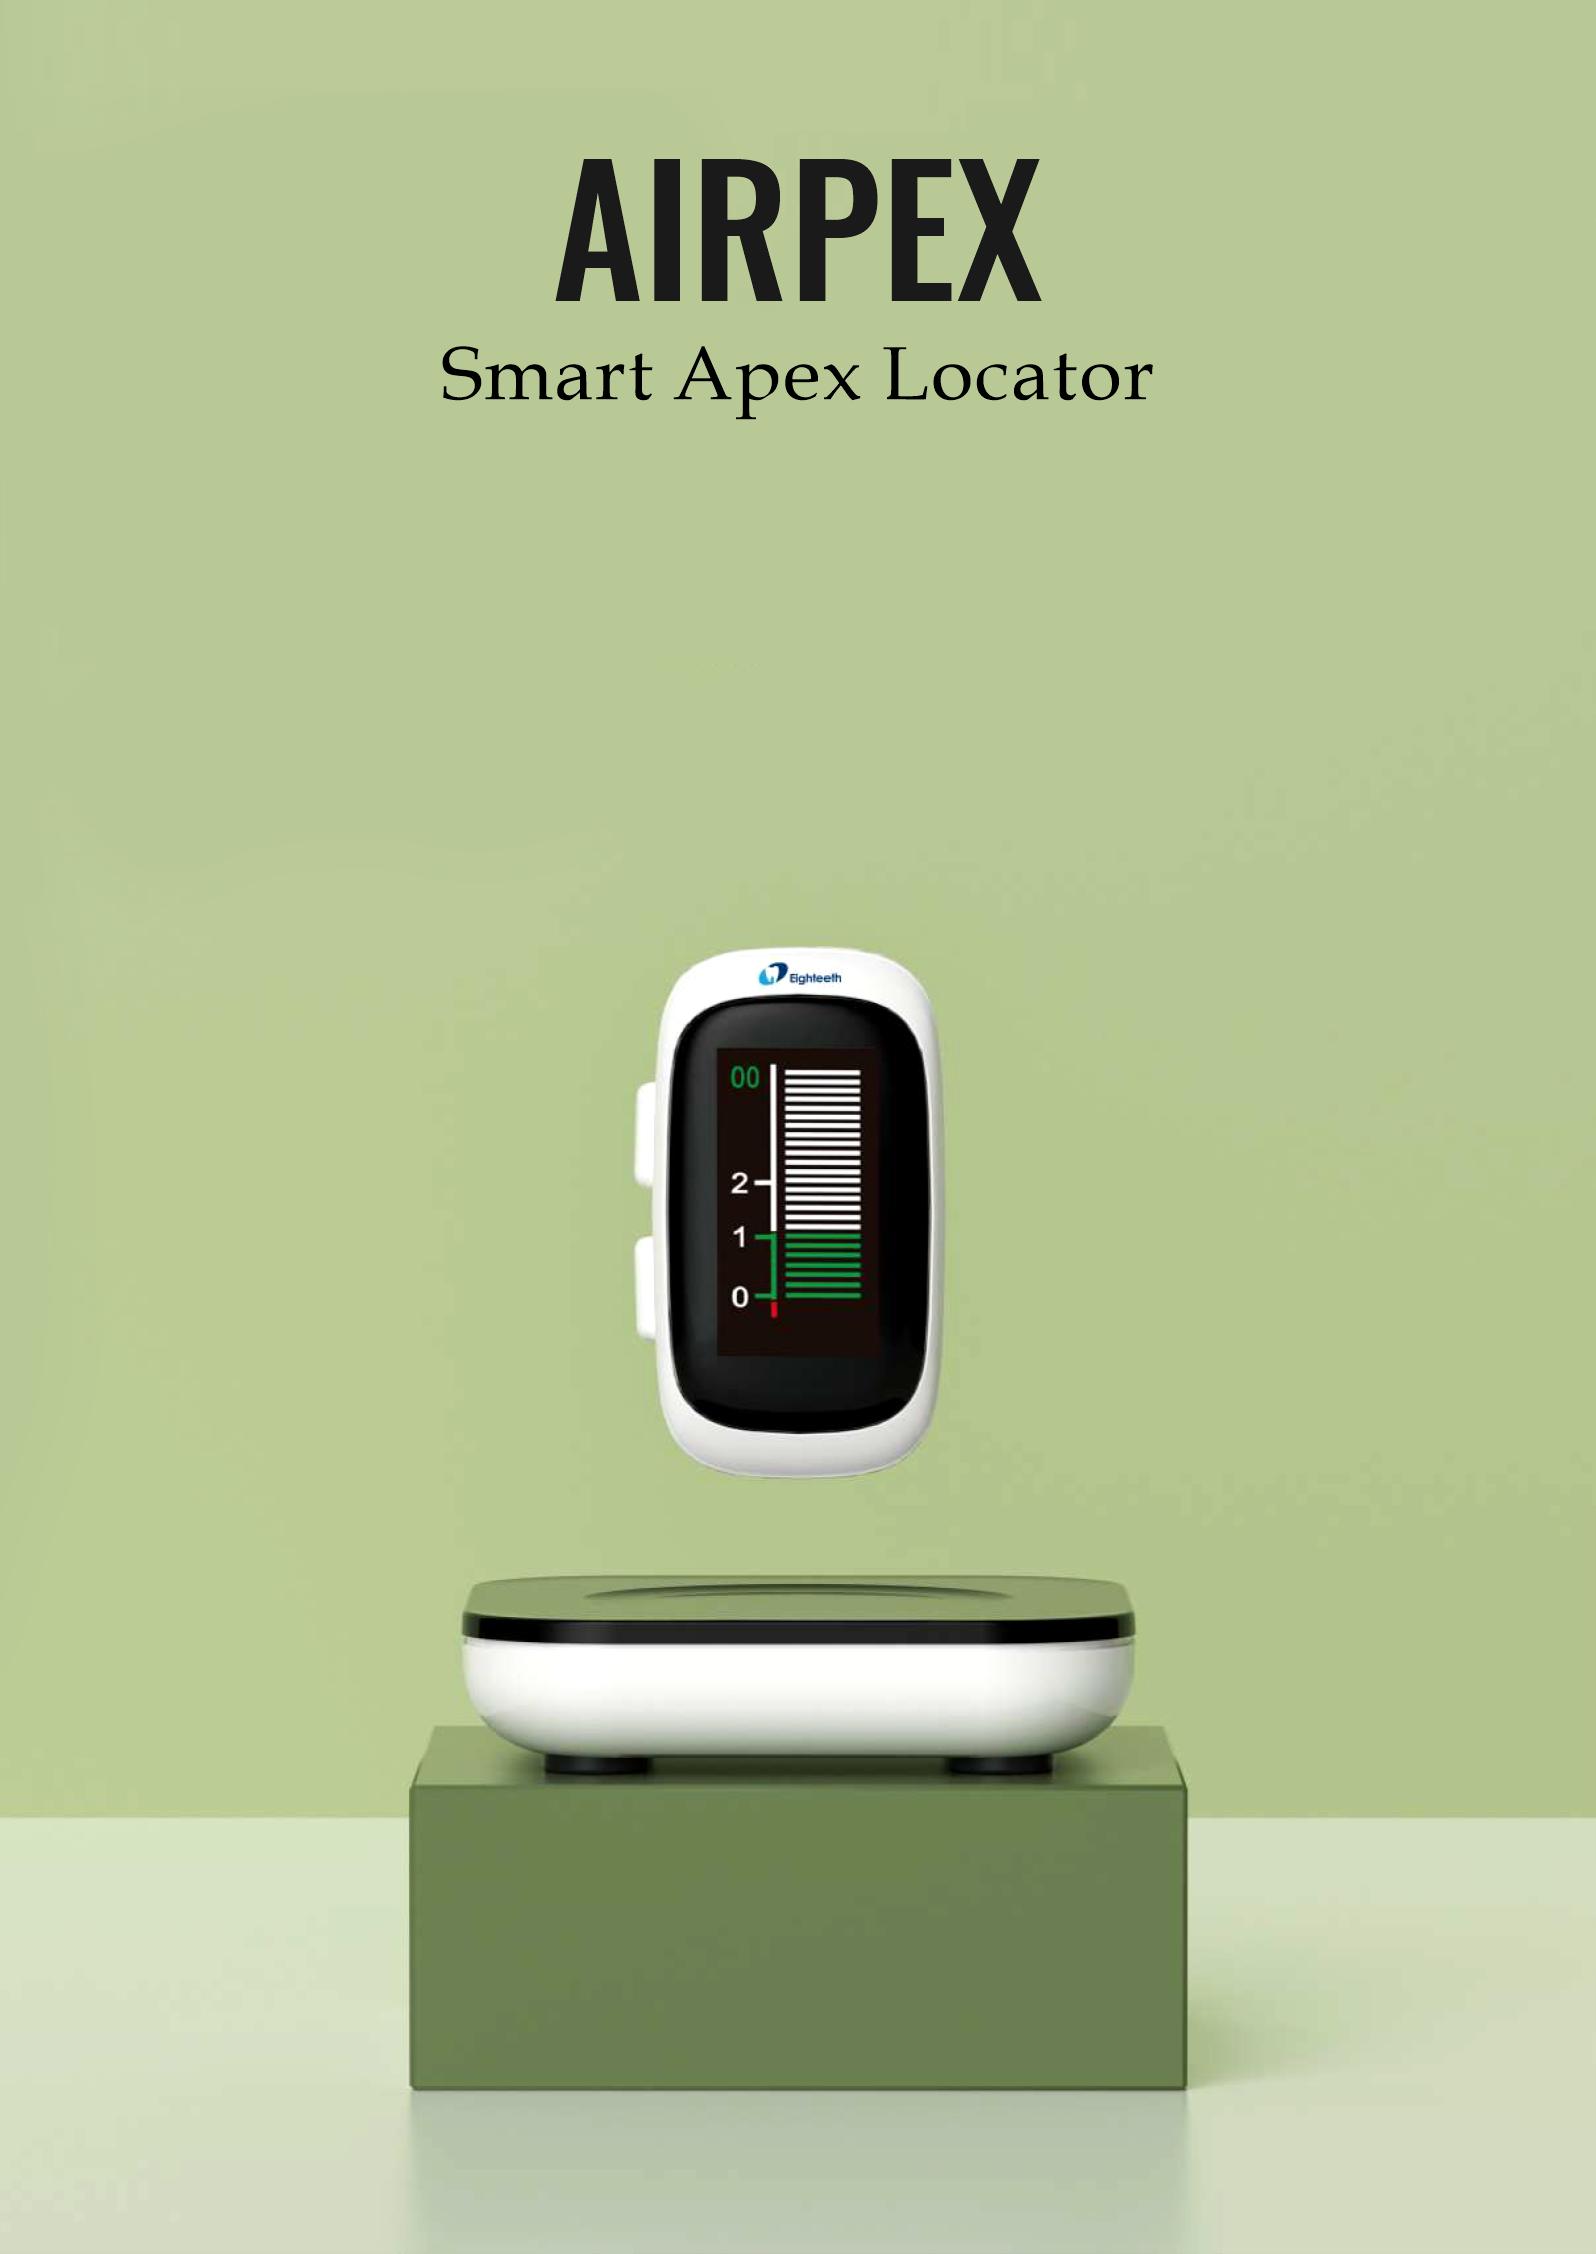 AirPex - Wireless Apex Locator | World's Smallest Apex Locator | Orikam